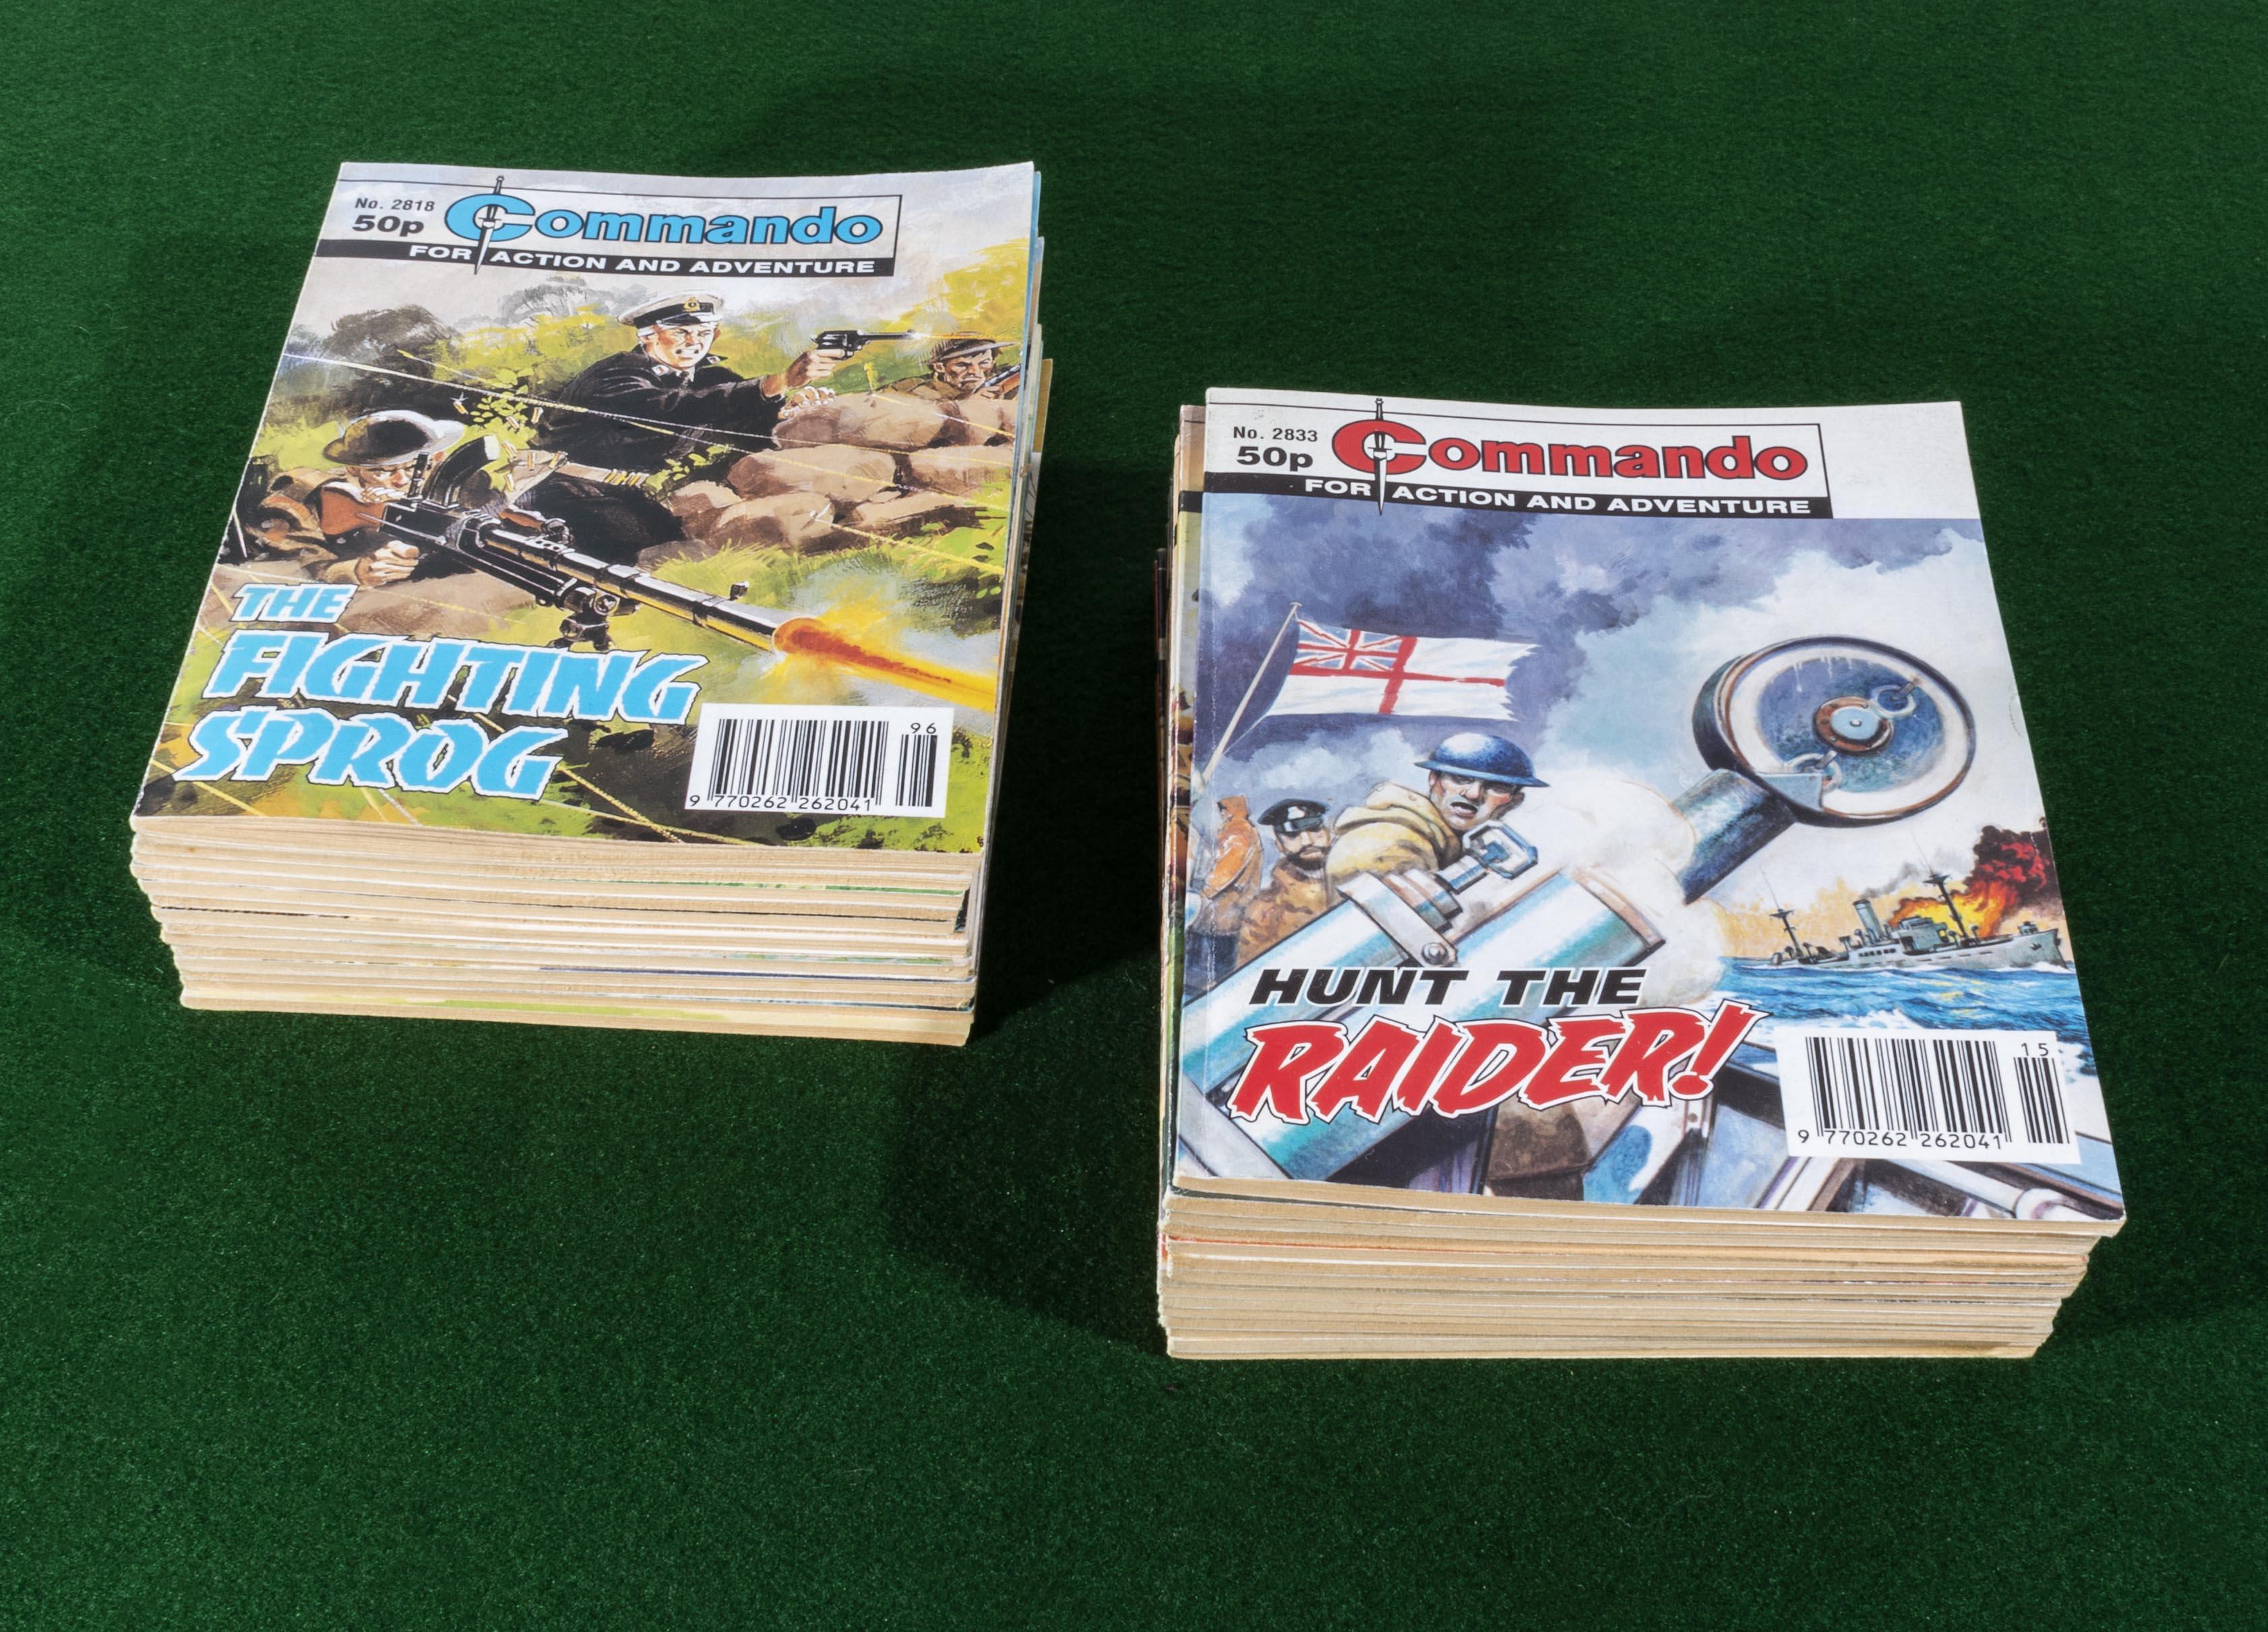 Lot 16 - 30 Commando comic books 2818/47 1994